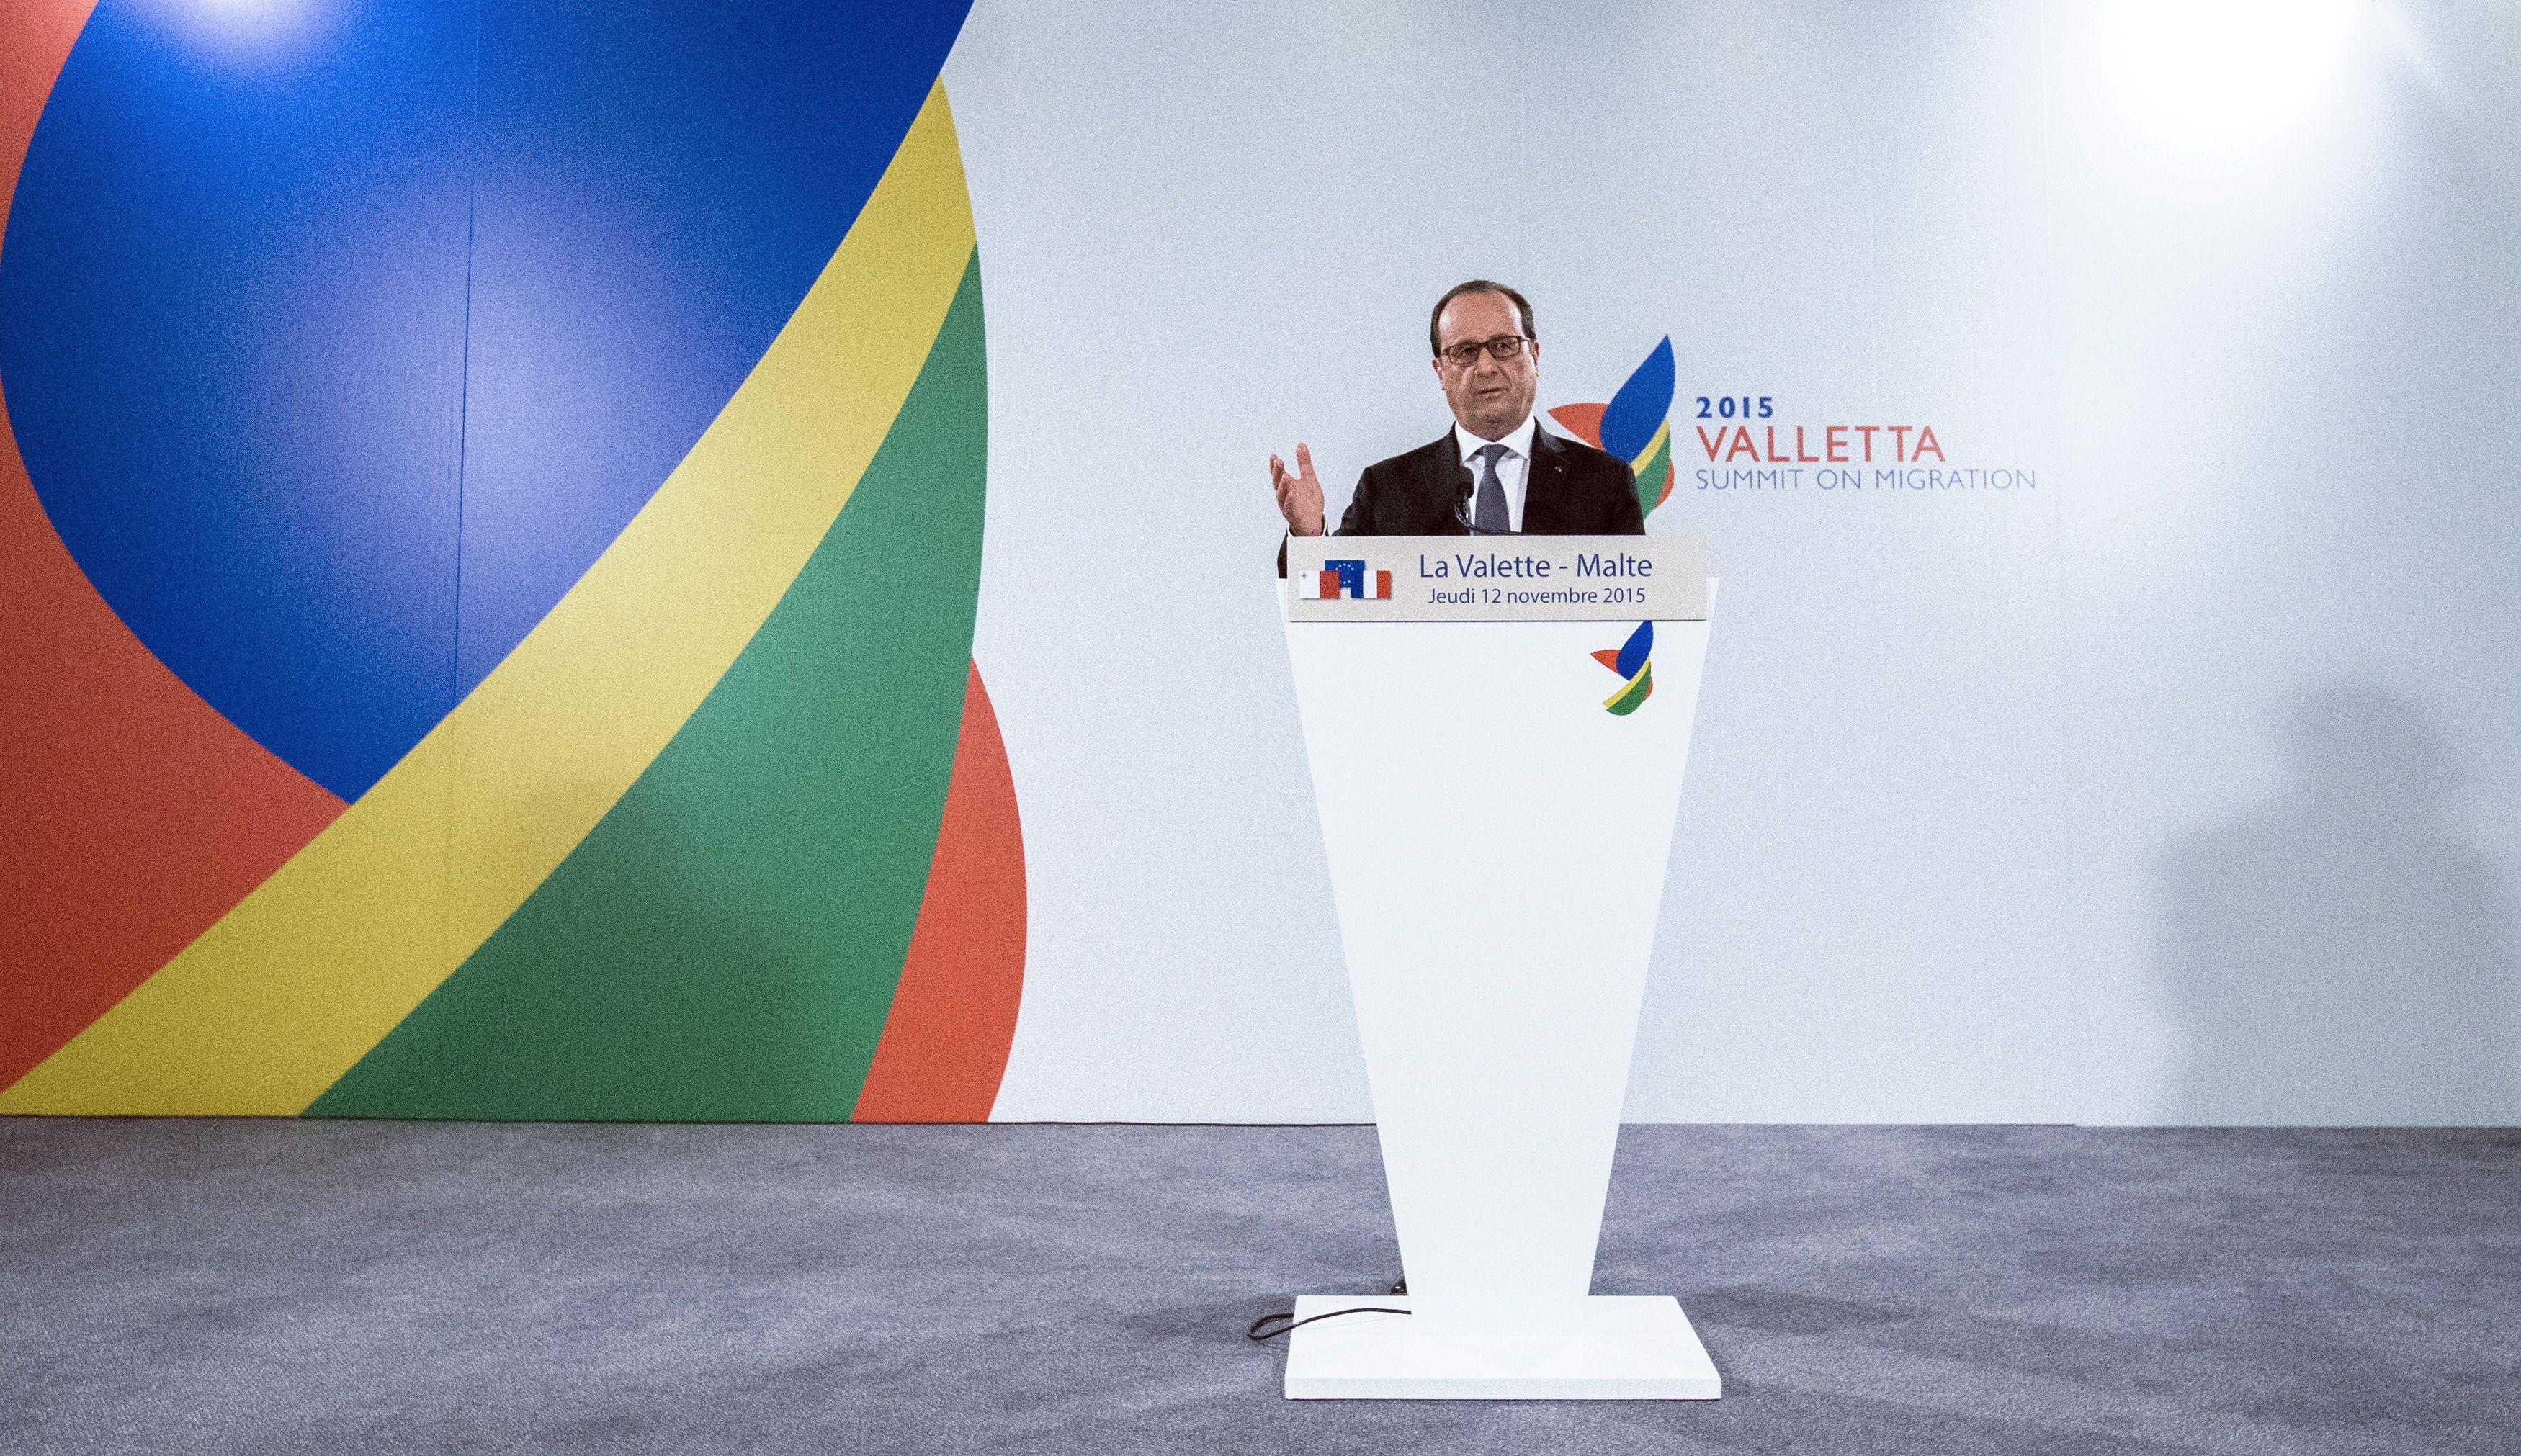 Sommet de La Valette : des mesurettes pour l'Afrique… loin, loin, loin du plan Marshall que les Européens devraient imaginer s'ils voulaient se donner une véritable chance de traiter le problème des migrations